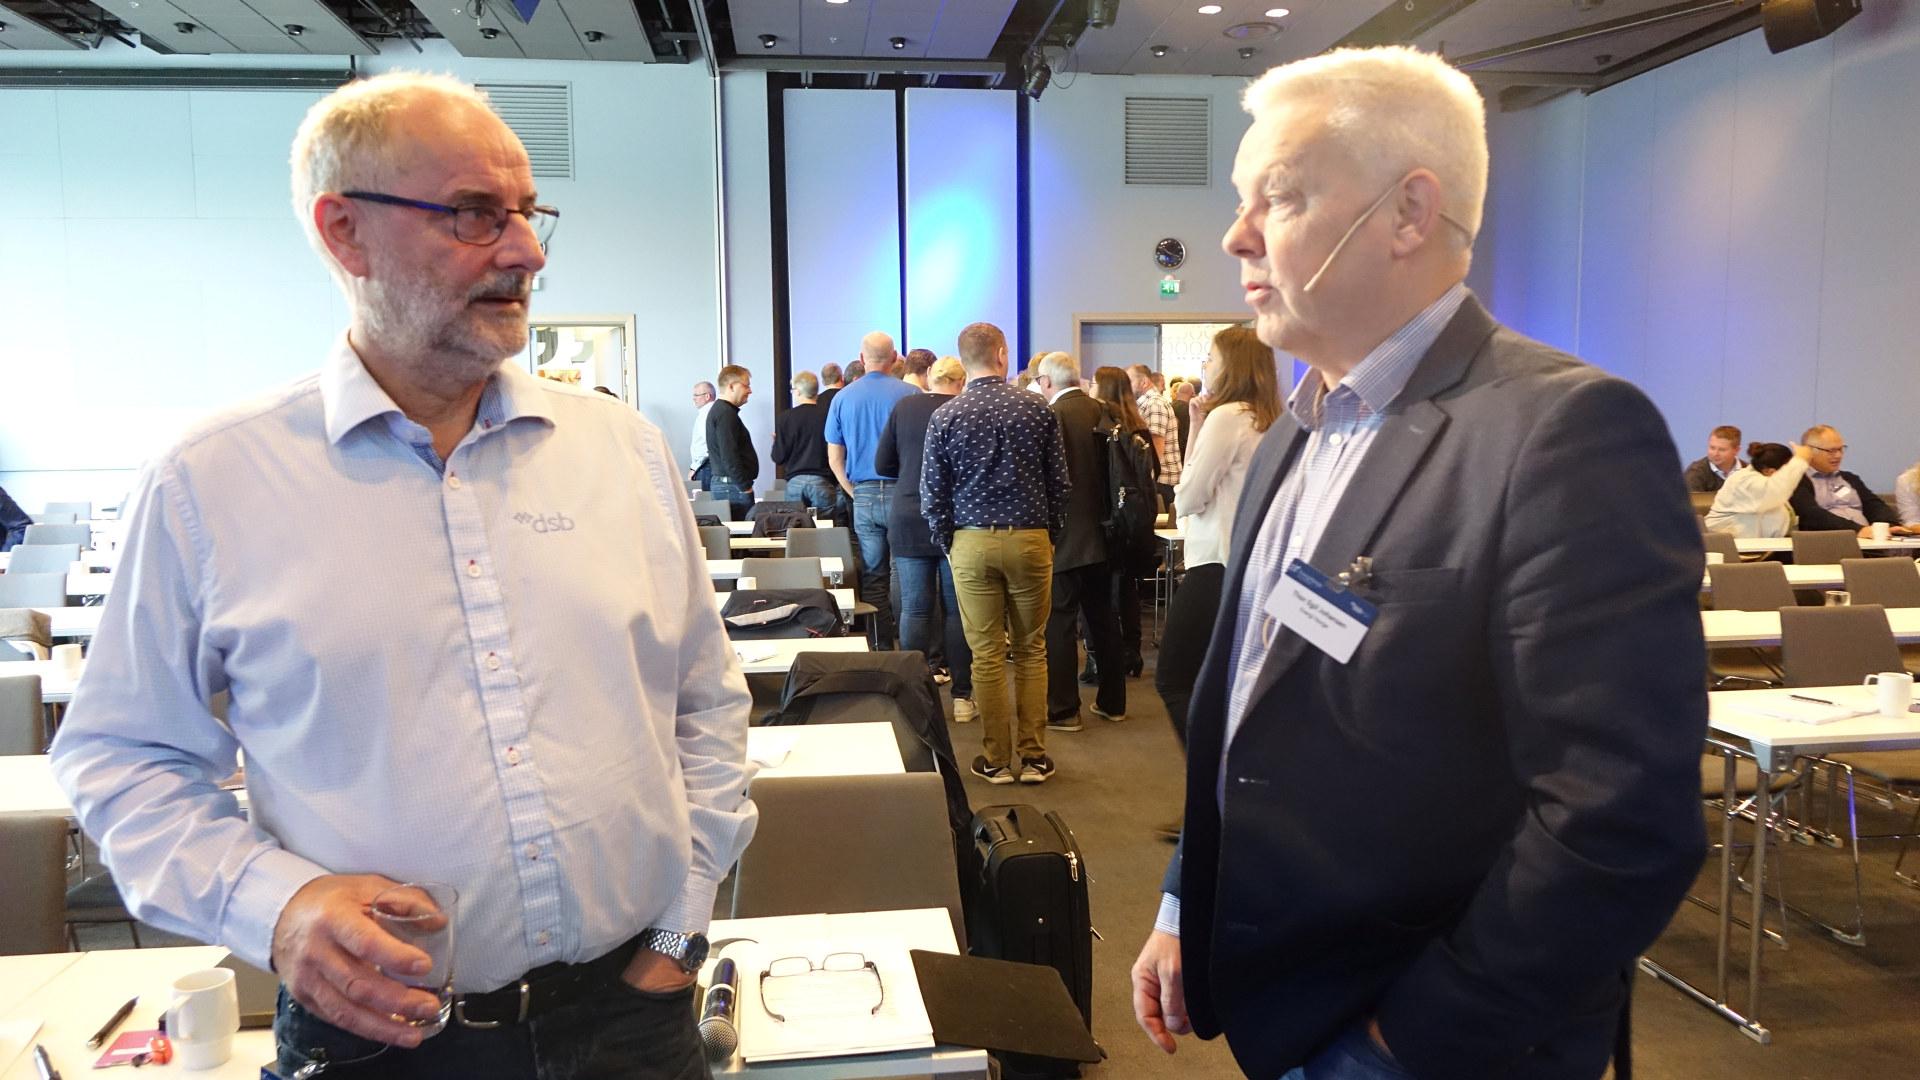 Paul Kaarbø Hermansen, Senioringeniøri DSB snakker med Thor Egil Johansen, rådgiver i Energi Norge på DLE-konferansen 2018